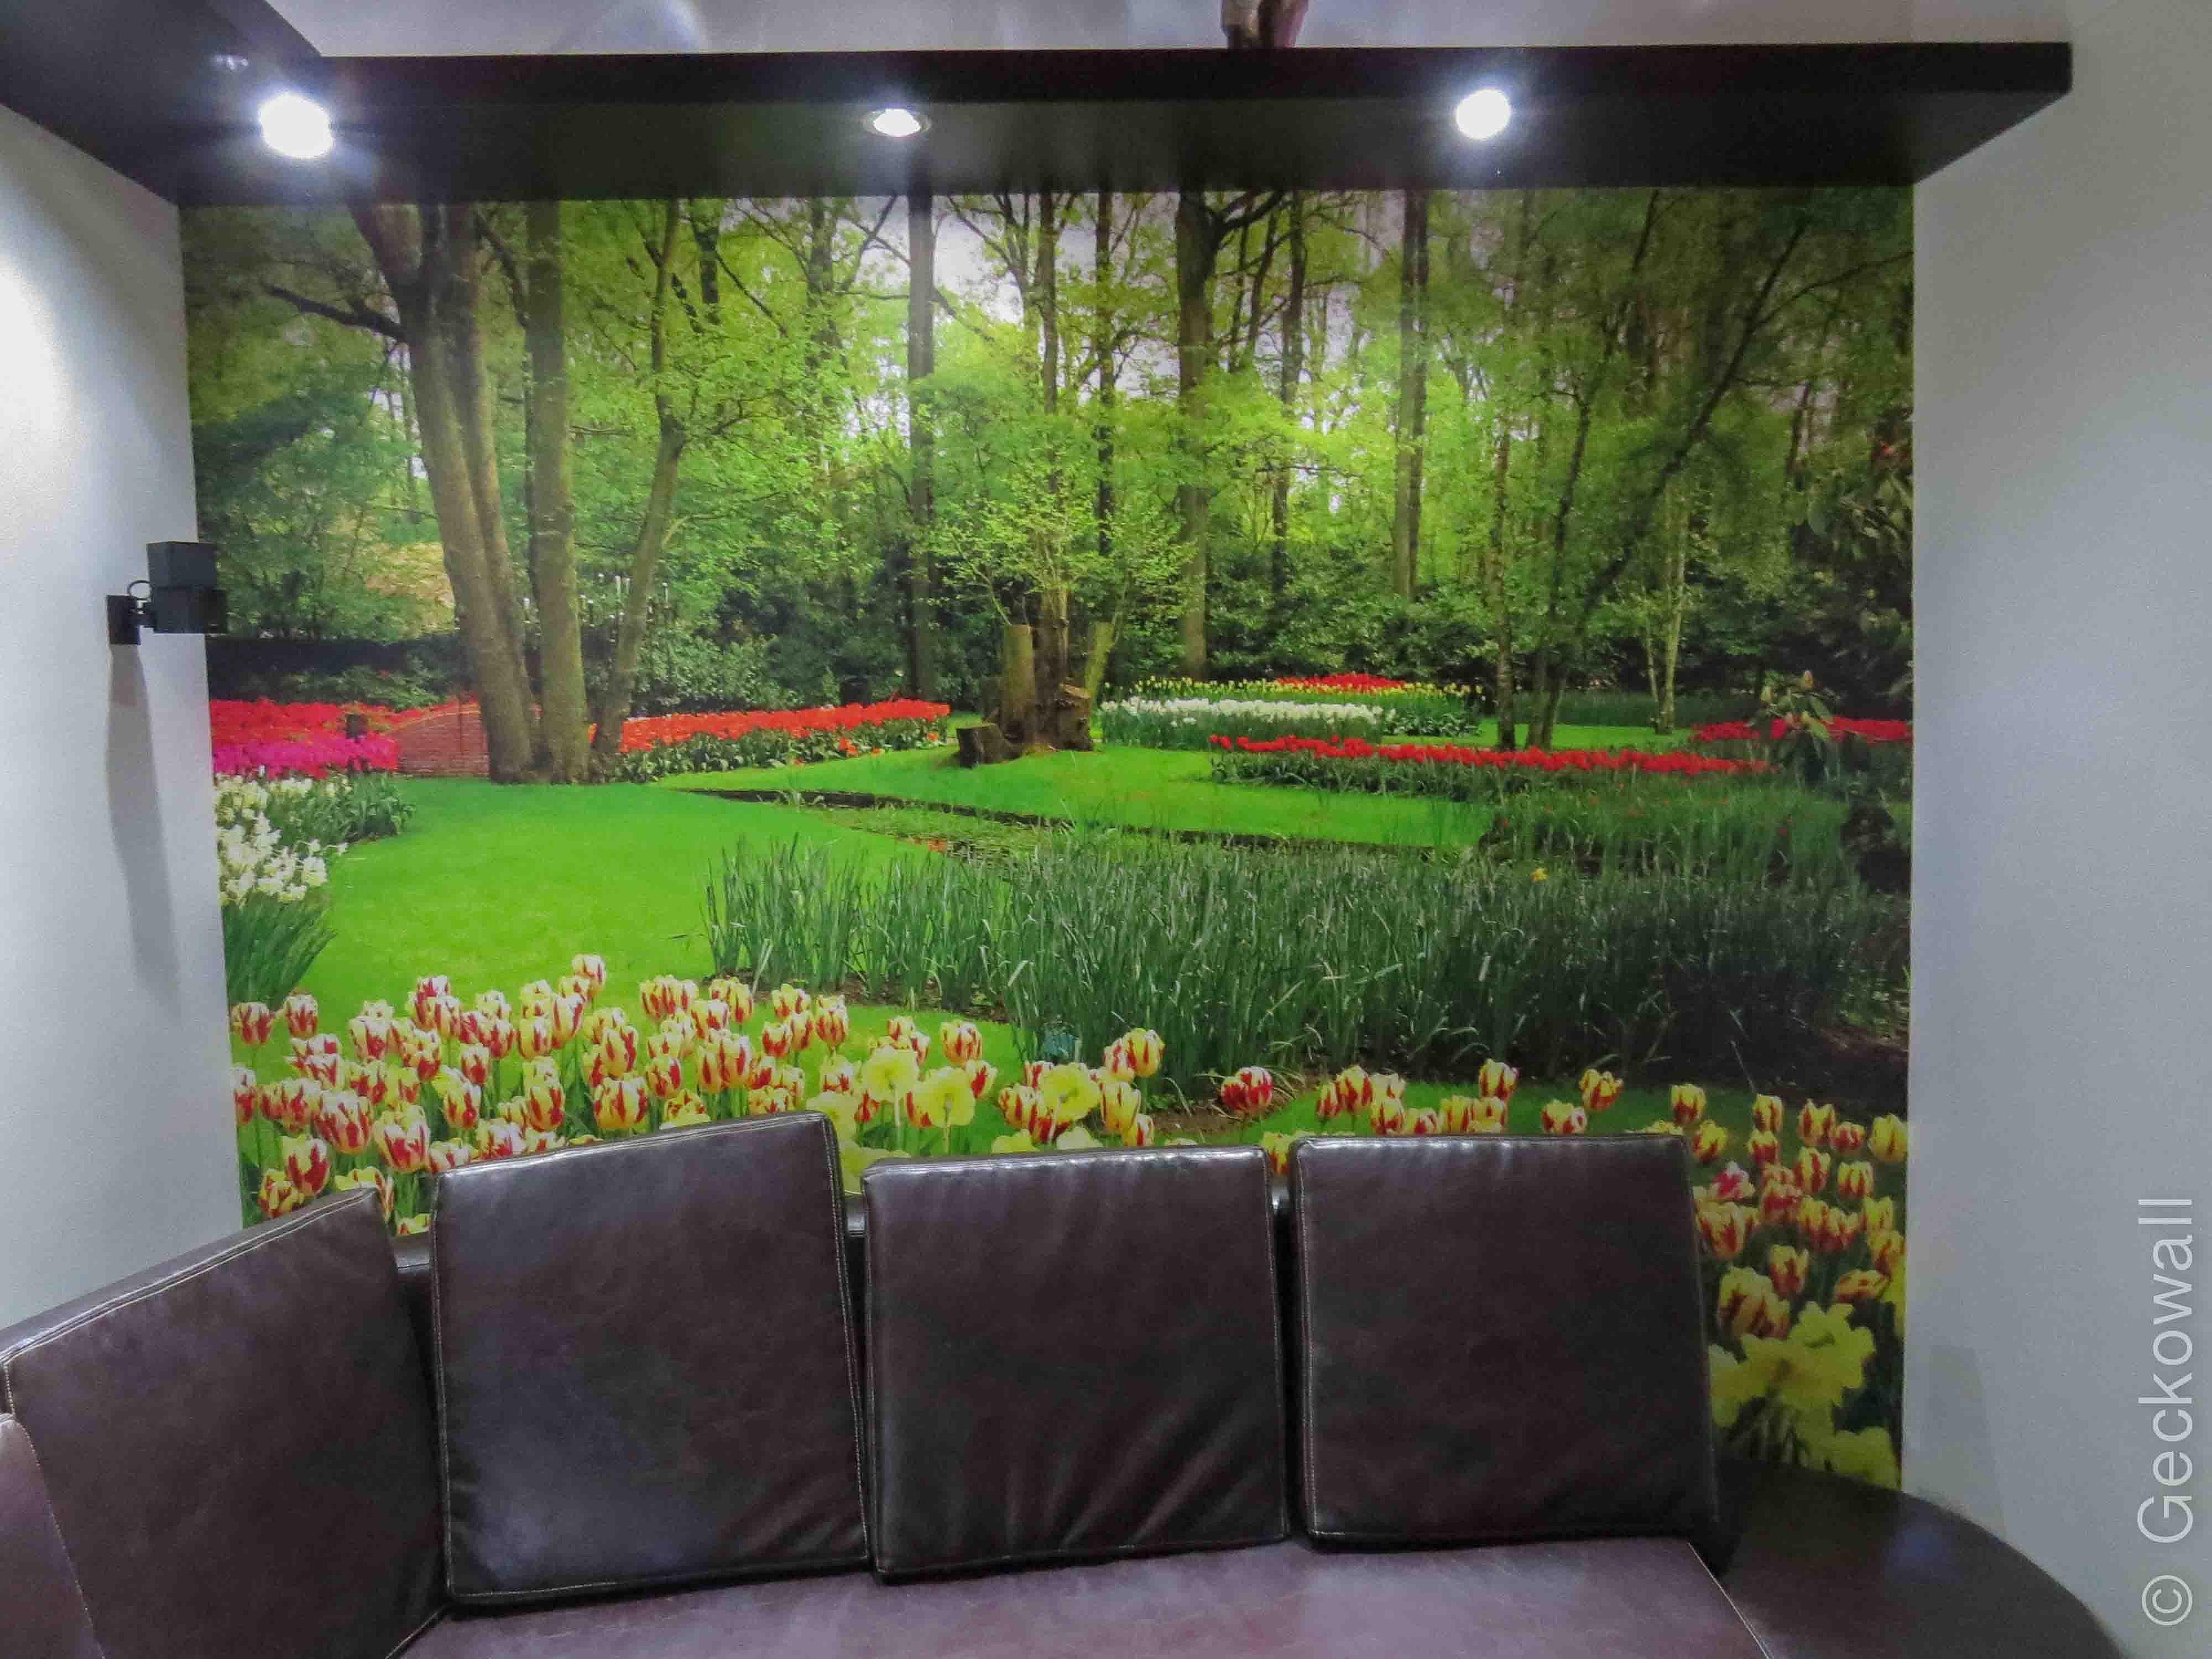 Vinilos decorativos cuadros y murales geckowall mural for Vinilos murales paisajes